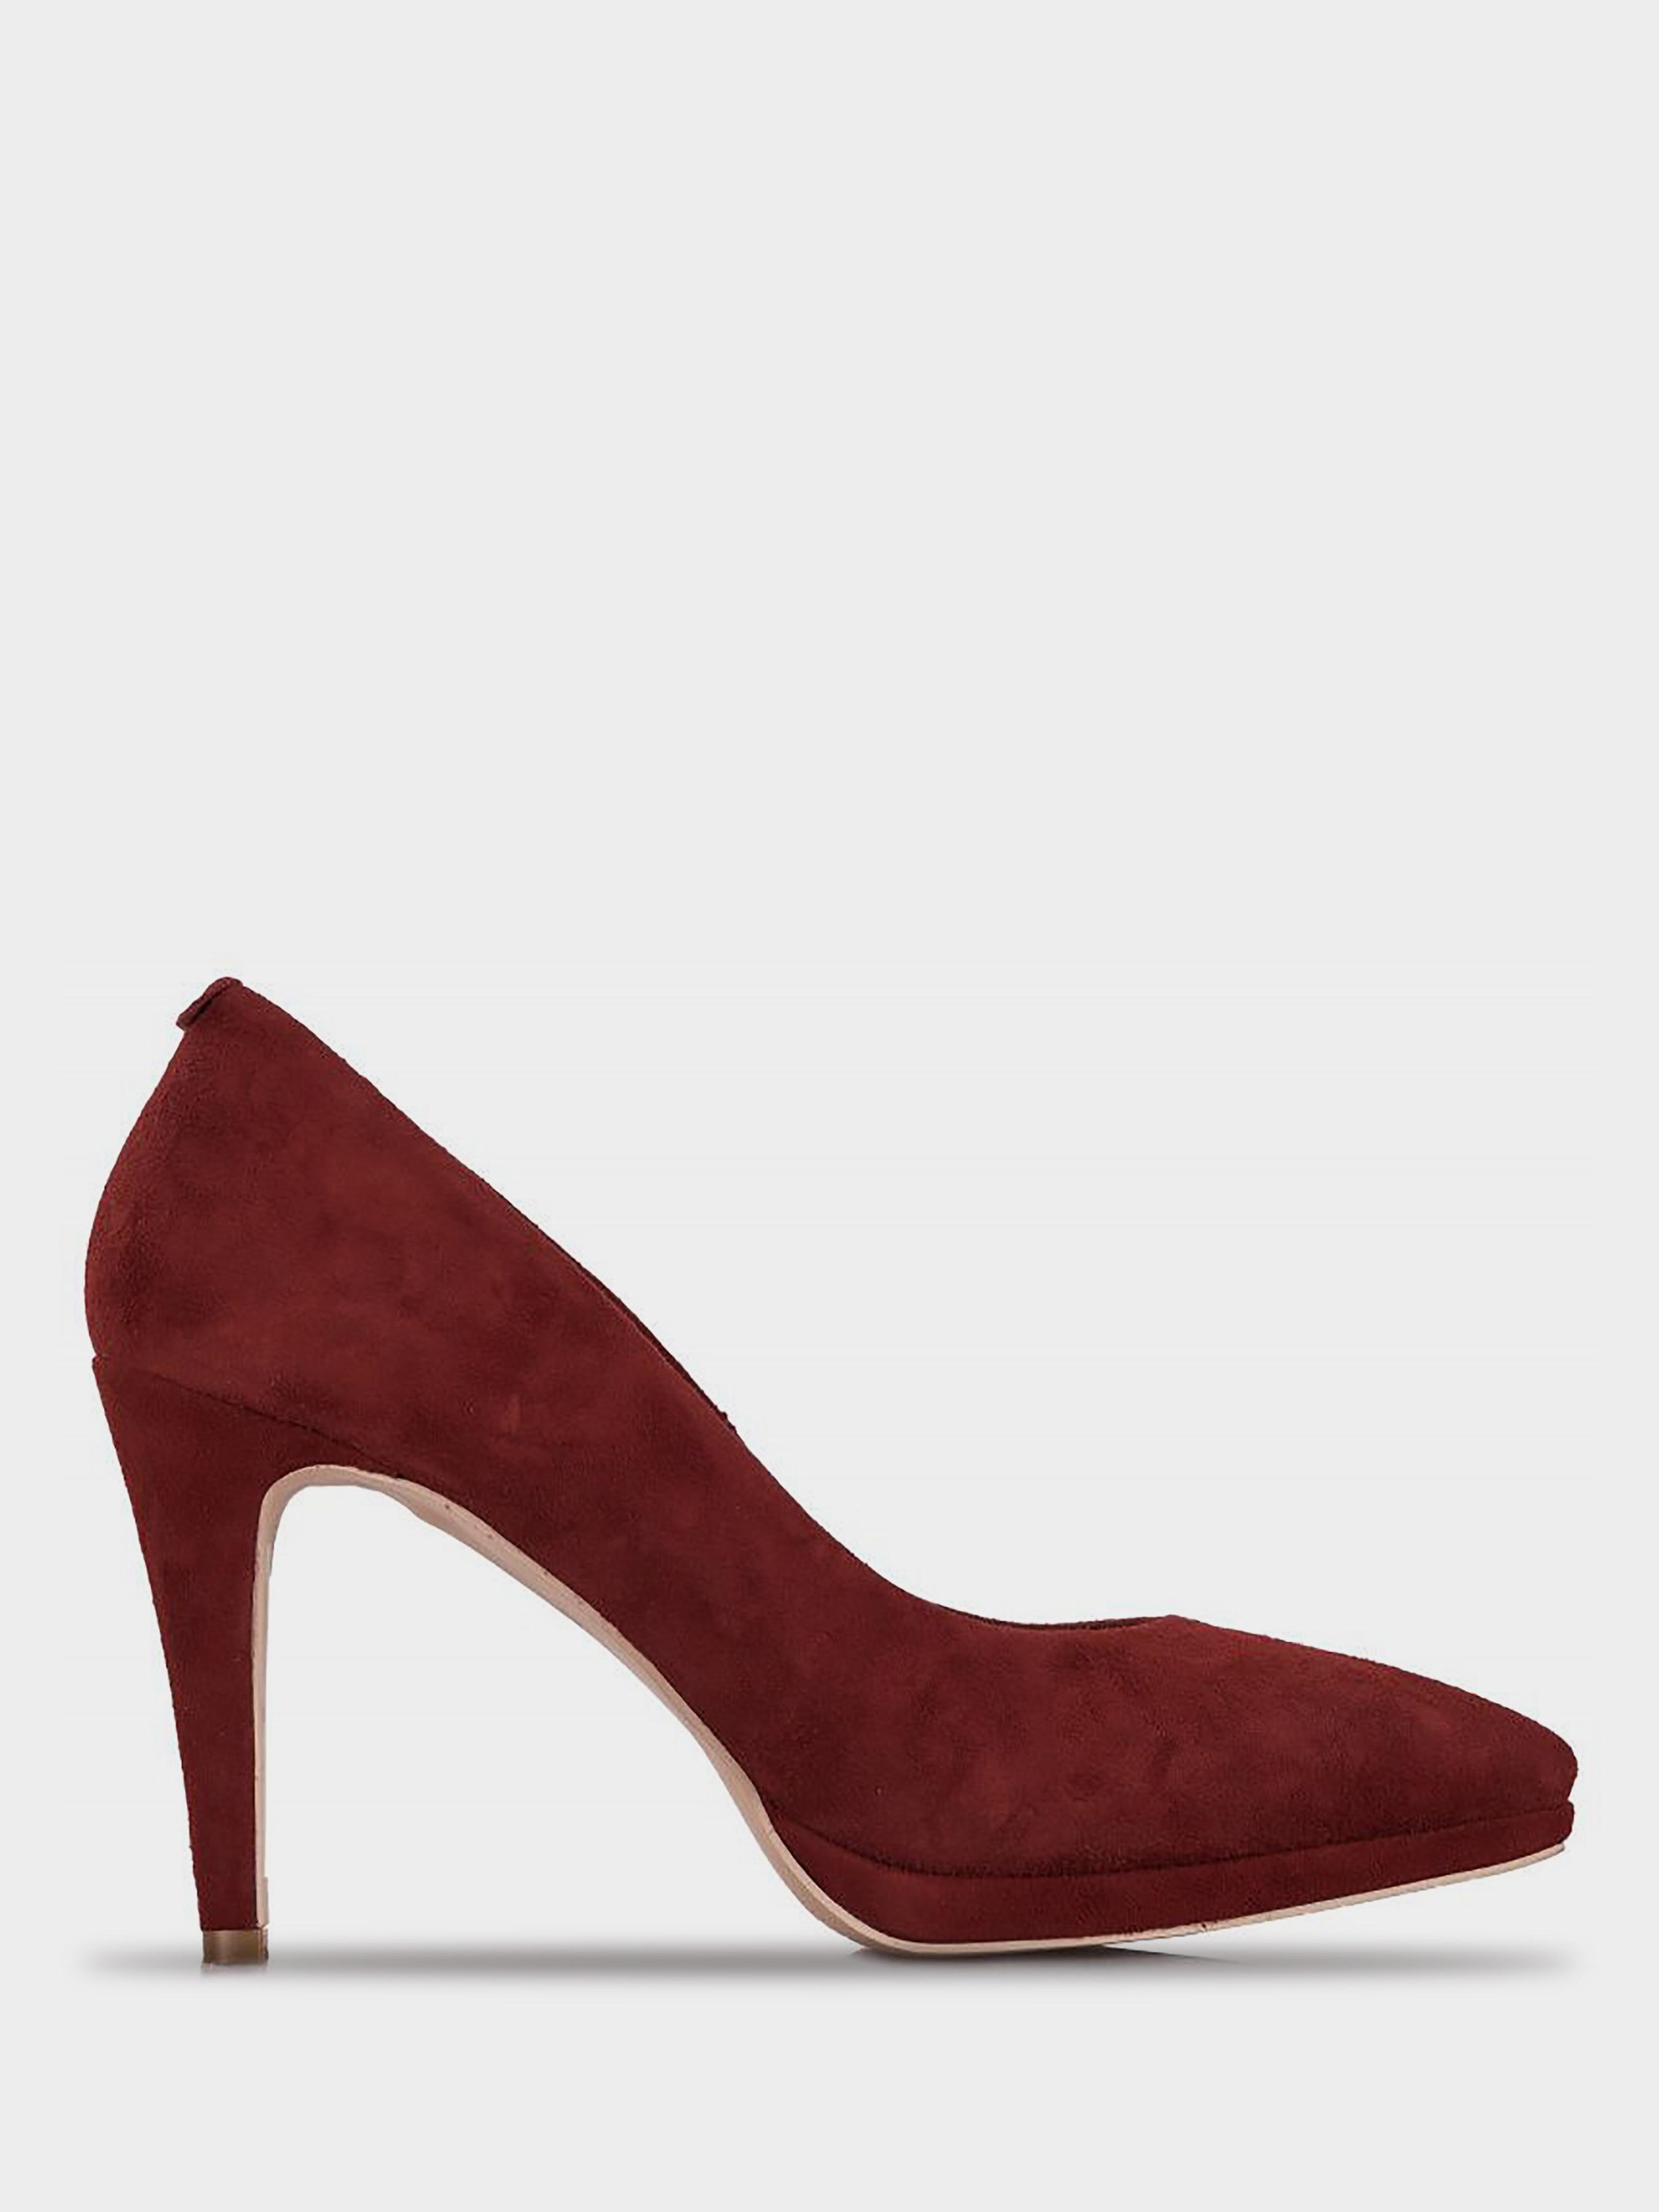 Купить Туфли женские GAMA 2Z59, Красный